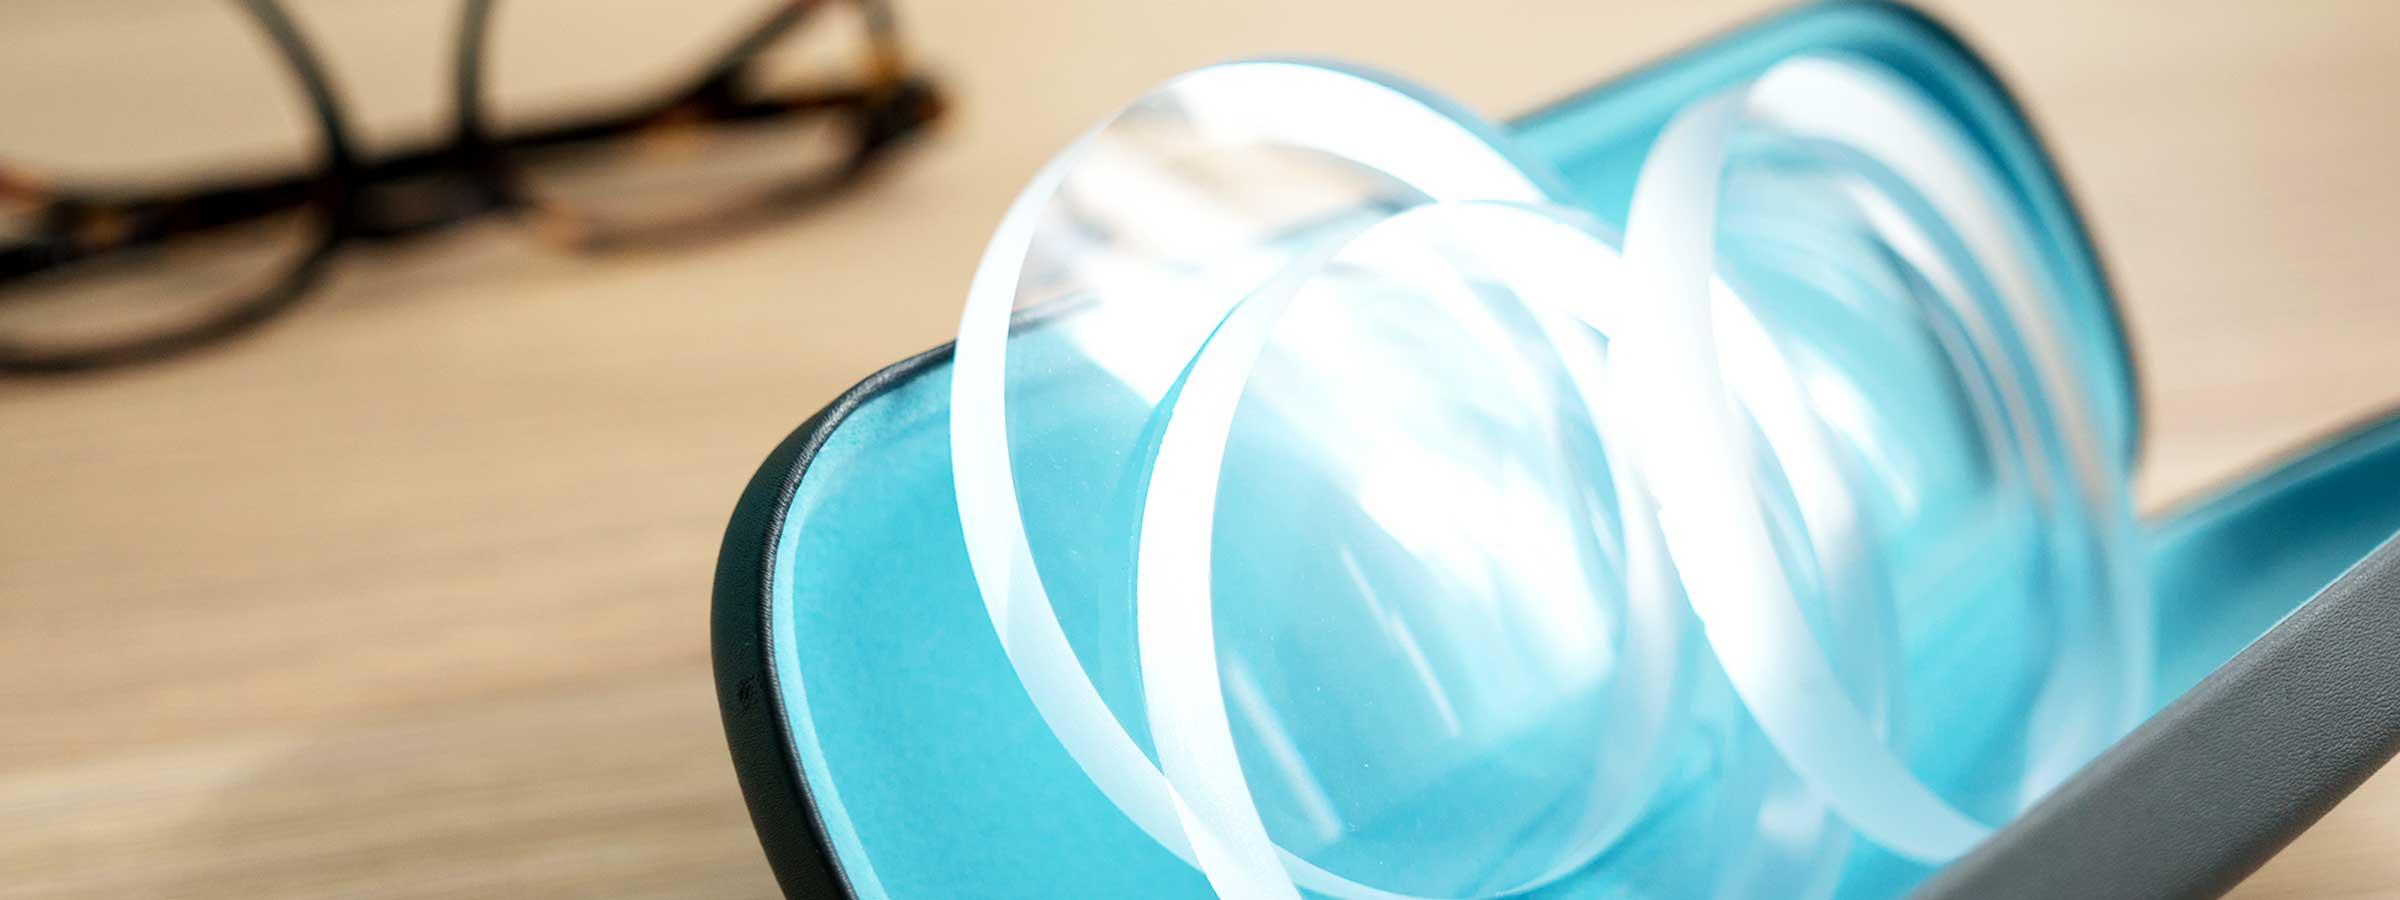 Lenses lying in a glasses case